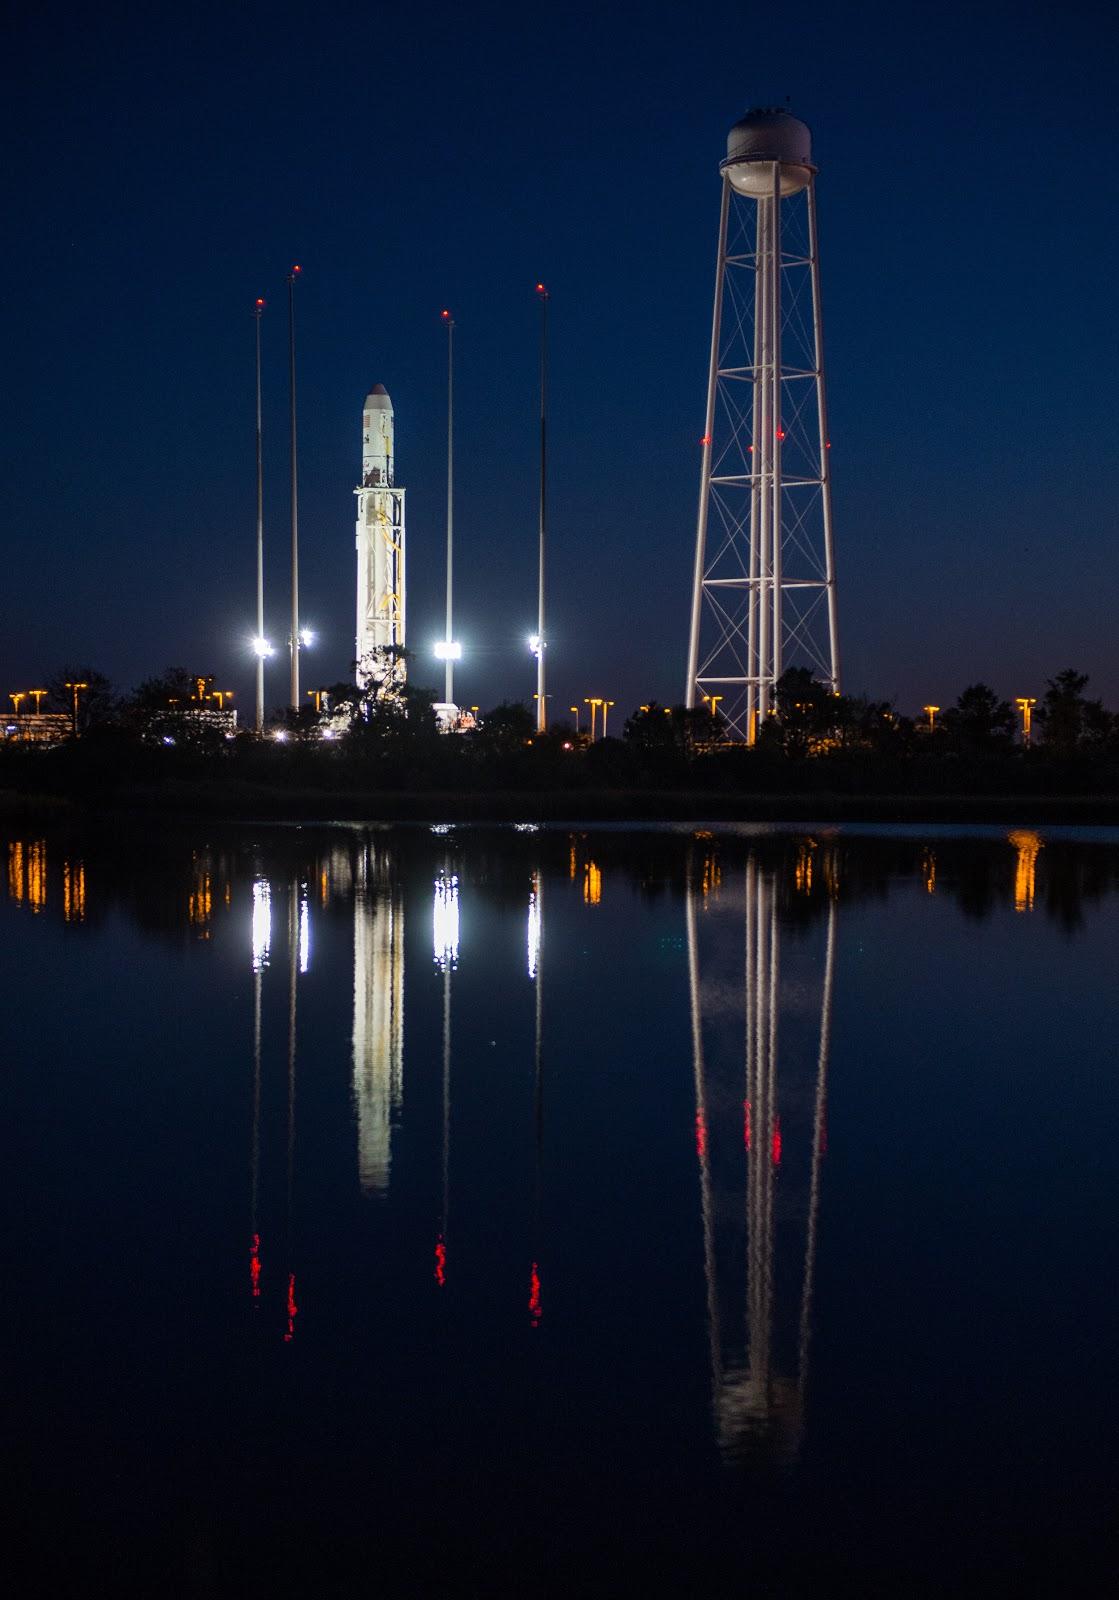 Chuẩn bị cho chuyến bay vào chiều 26/10/2014. Bản quyền hình ảnh : NASA/Joel Kowsky.